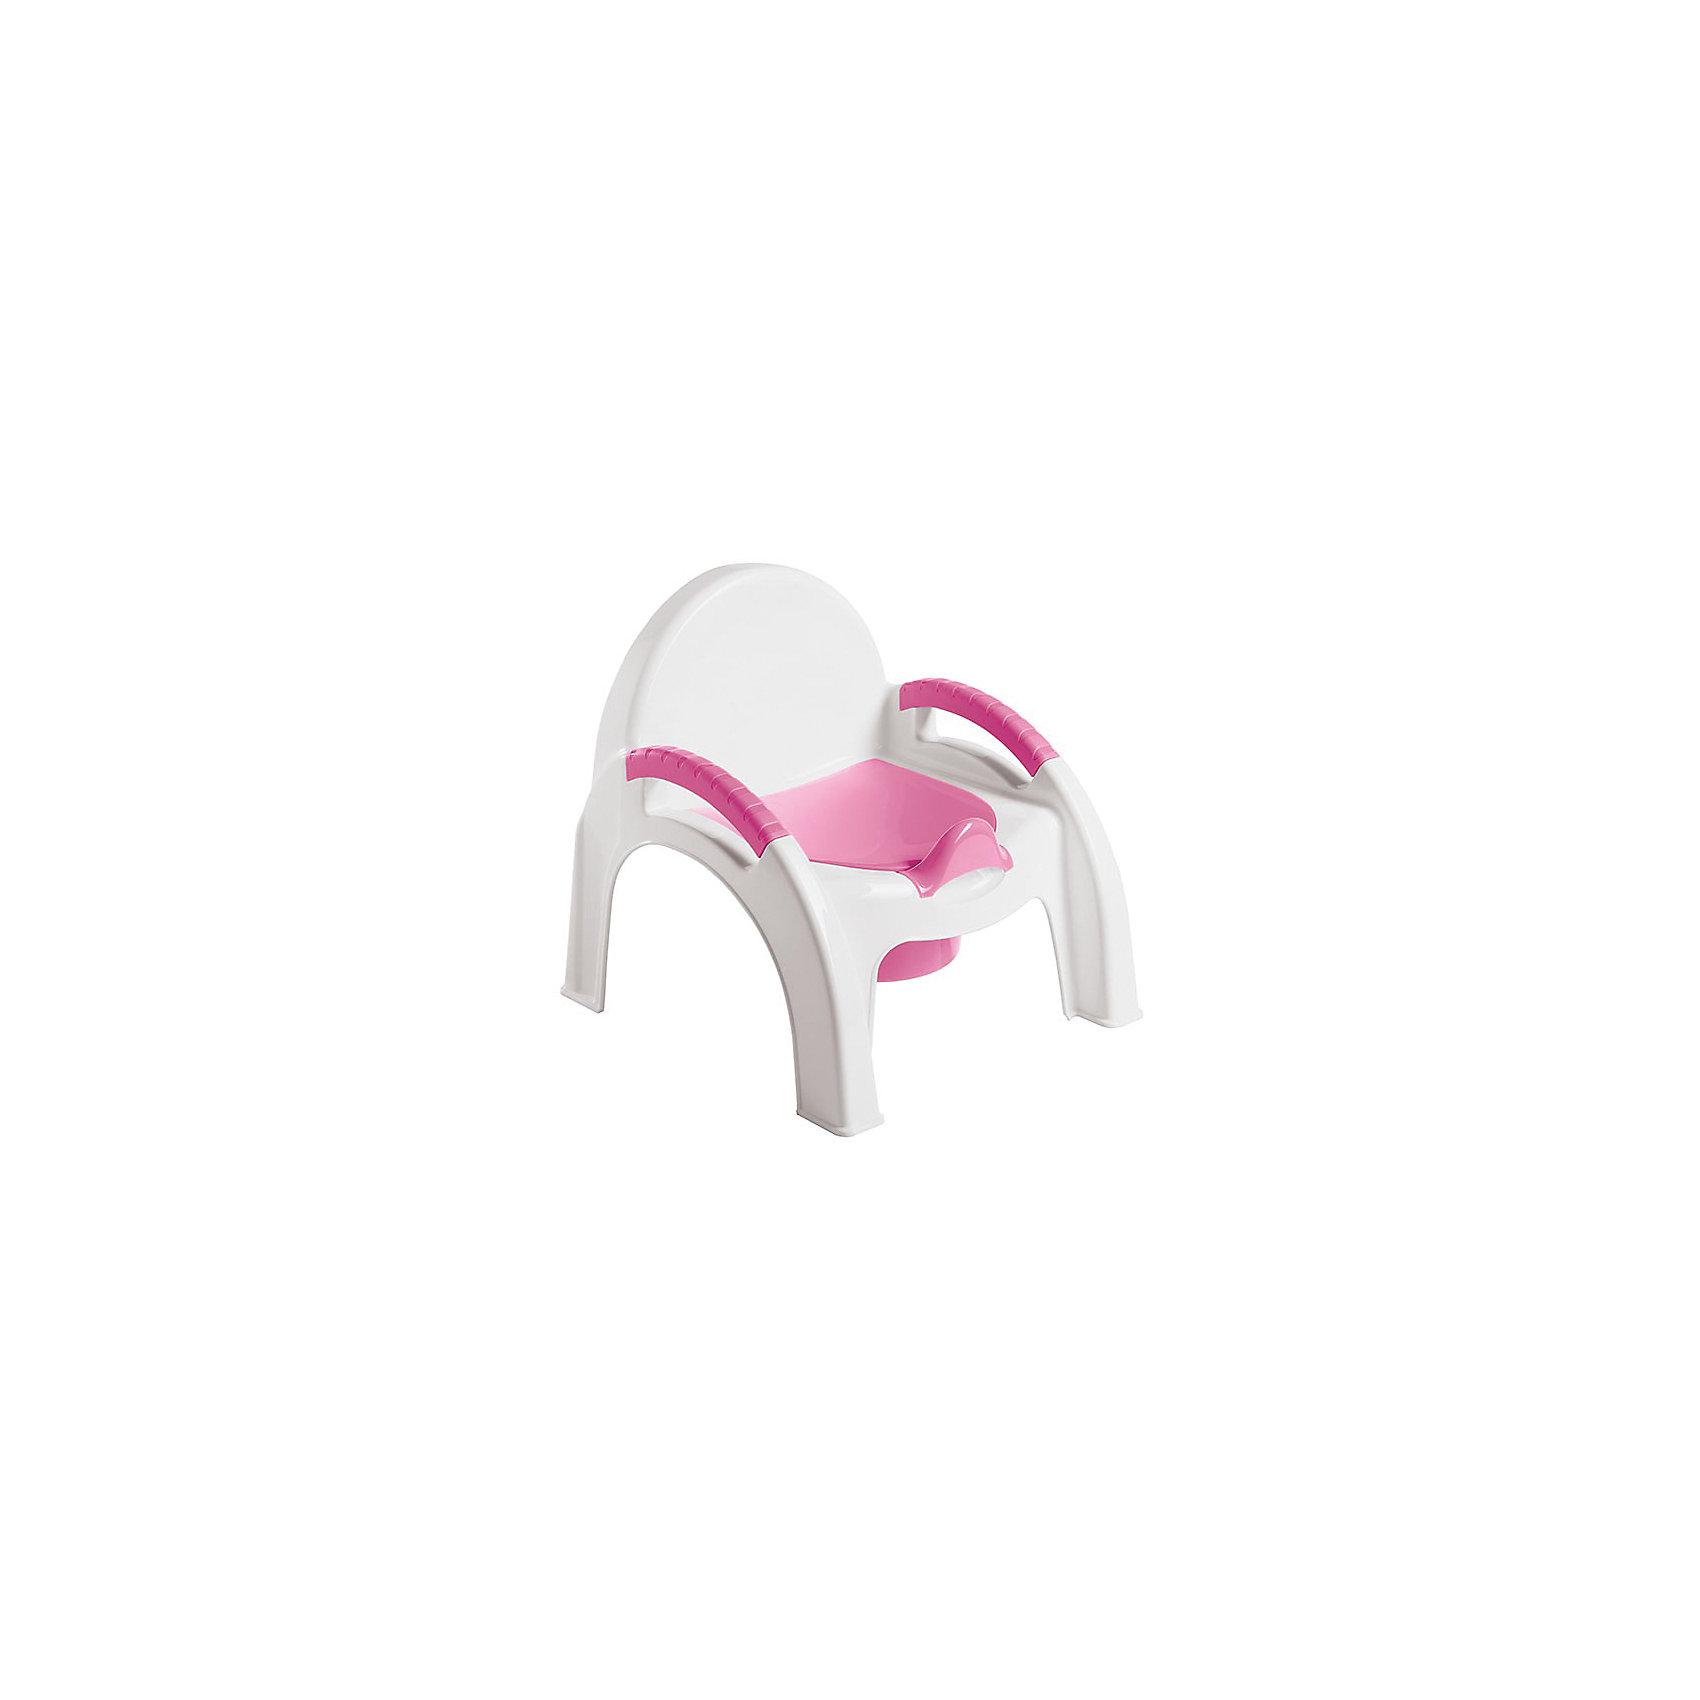 Горшок-стульчик Пластишка, розовый